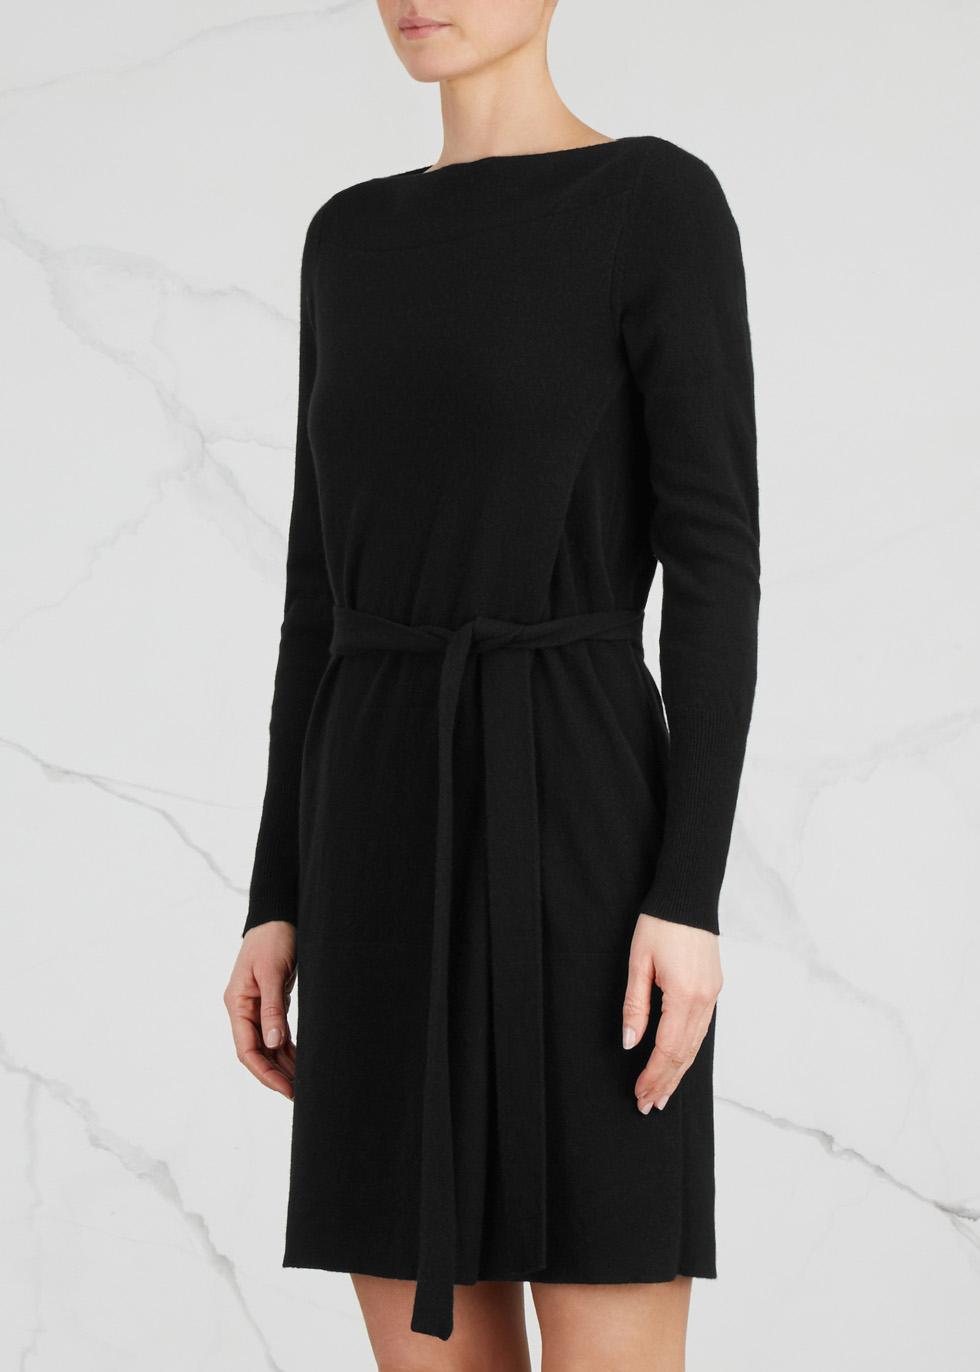 Black cashmere wrap dress - Le Kasha